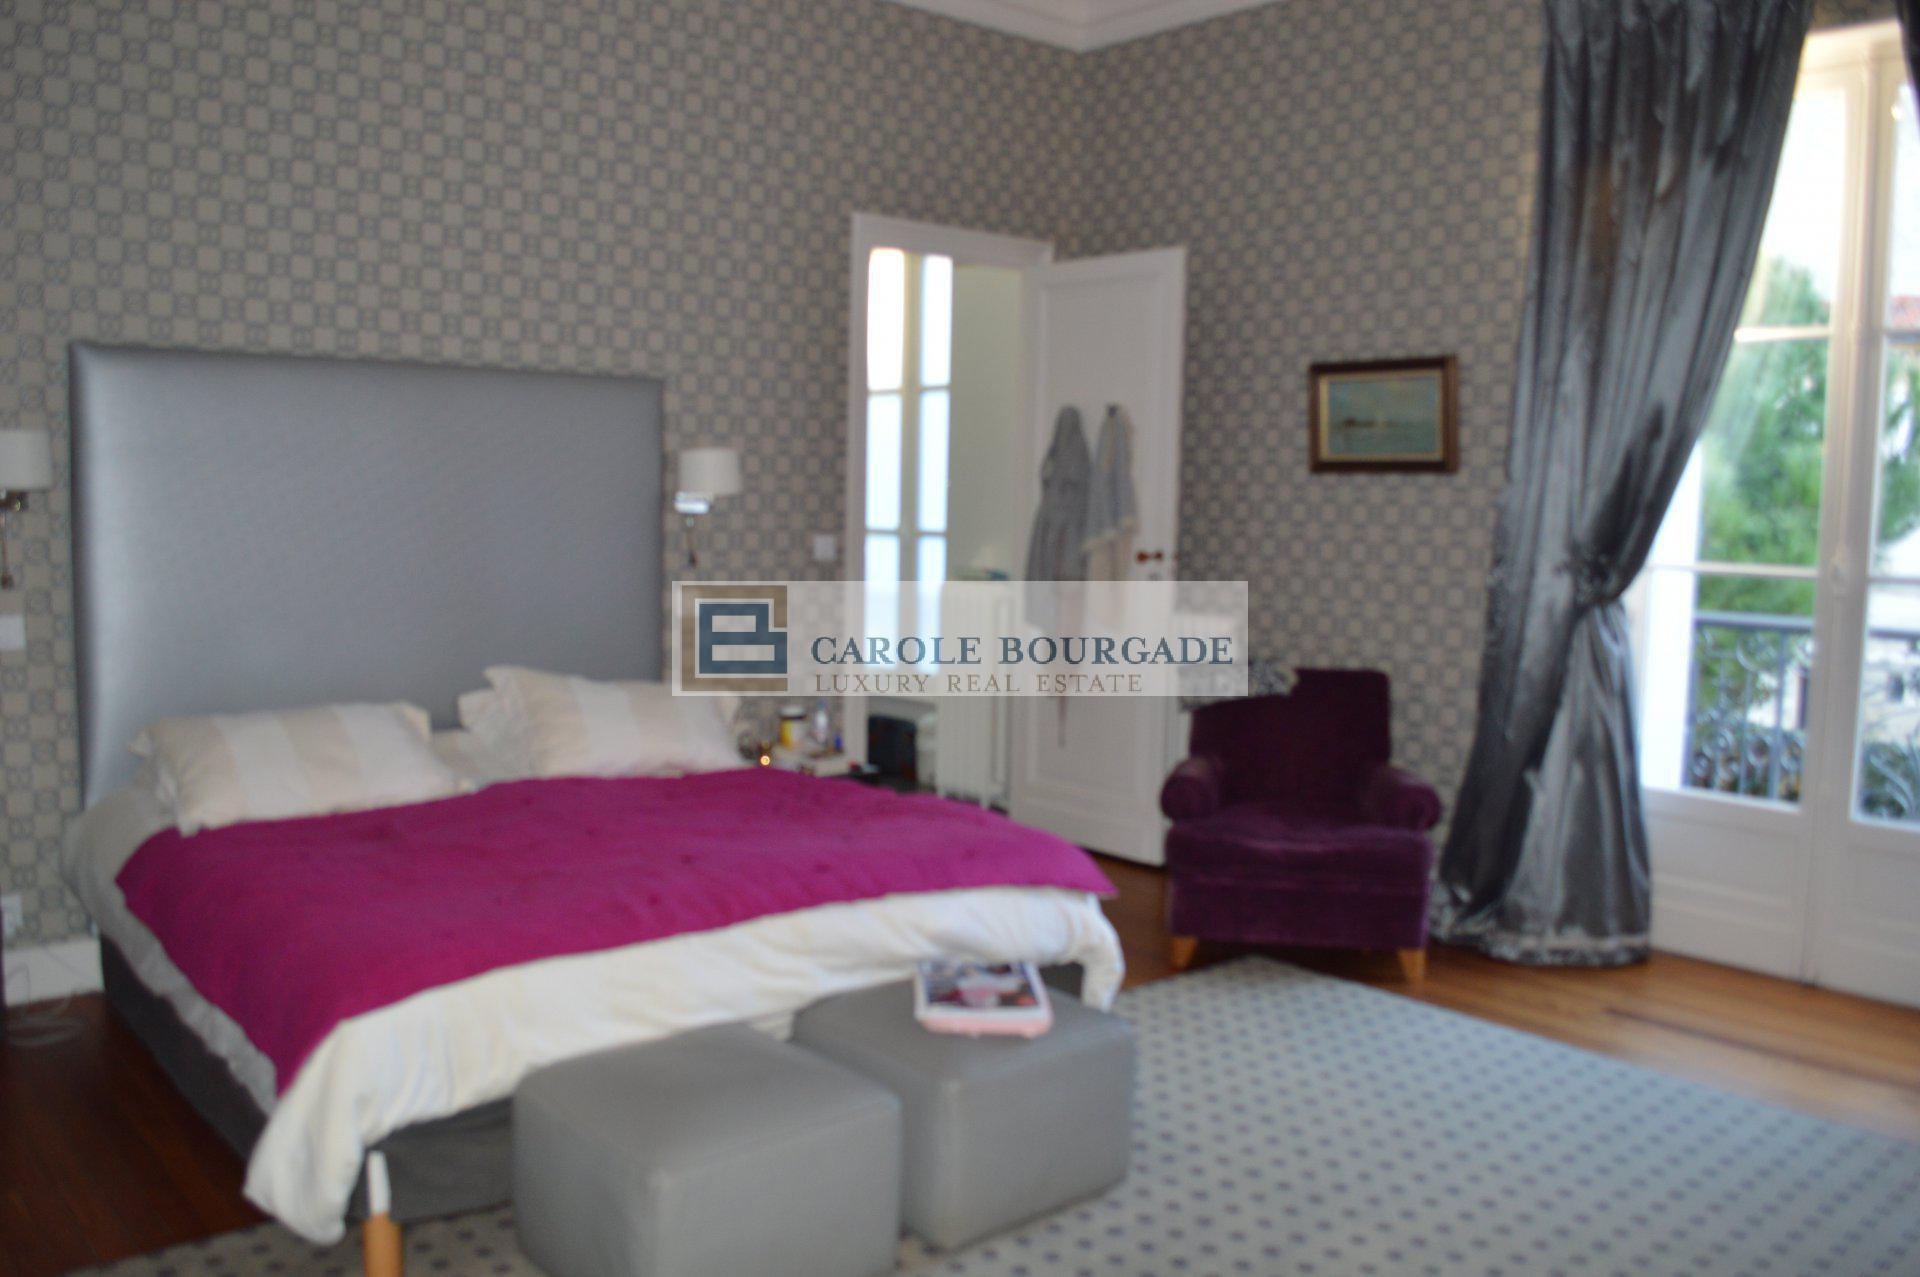 VINEXPO 2019 BORDEAUX CENTER HOUSE GARDEN 8 BEDROOMS